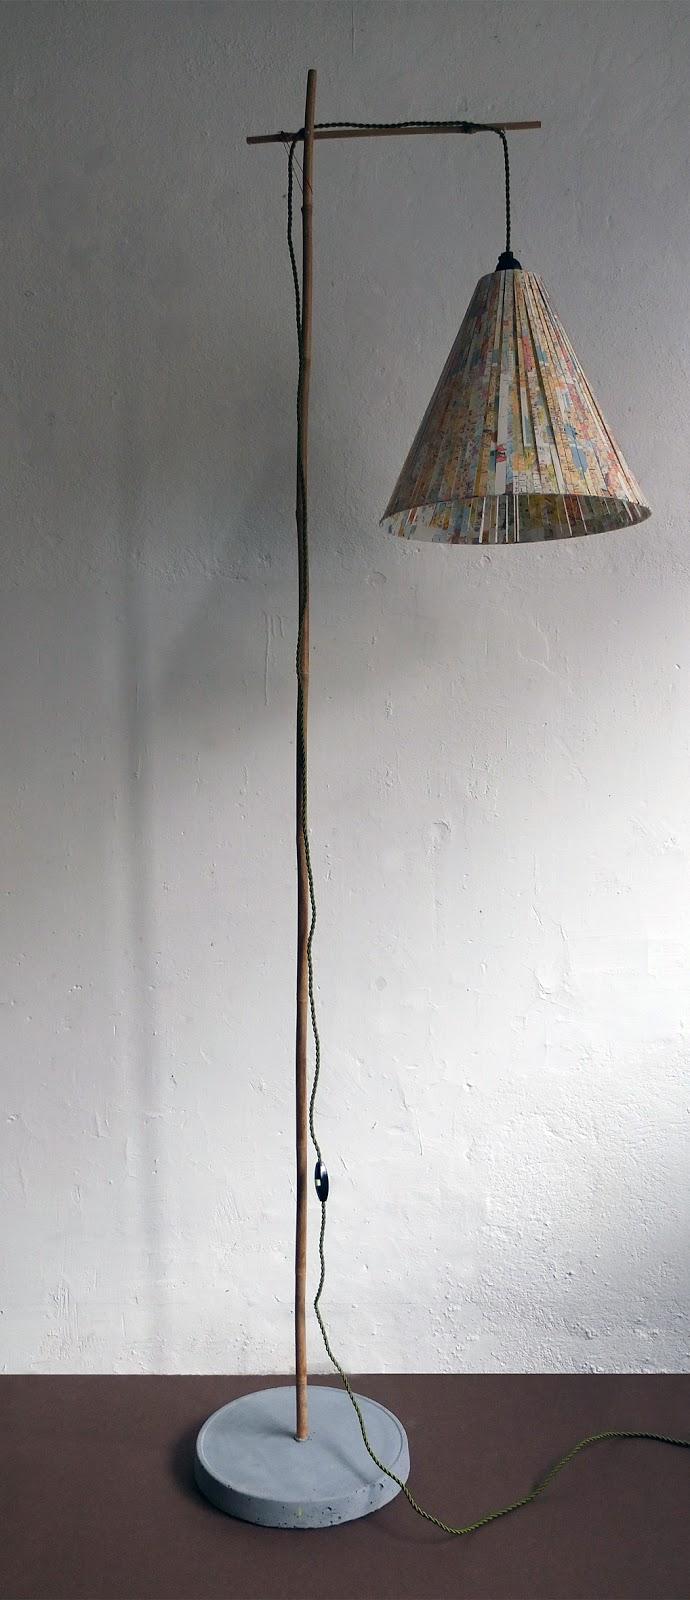 le grand déballage chez terrasse en ville marseille. juliadesign présente ses luminaires, meuble en carton et sérigraphies.